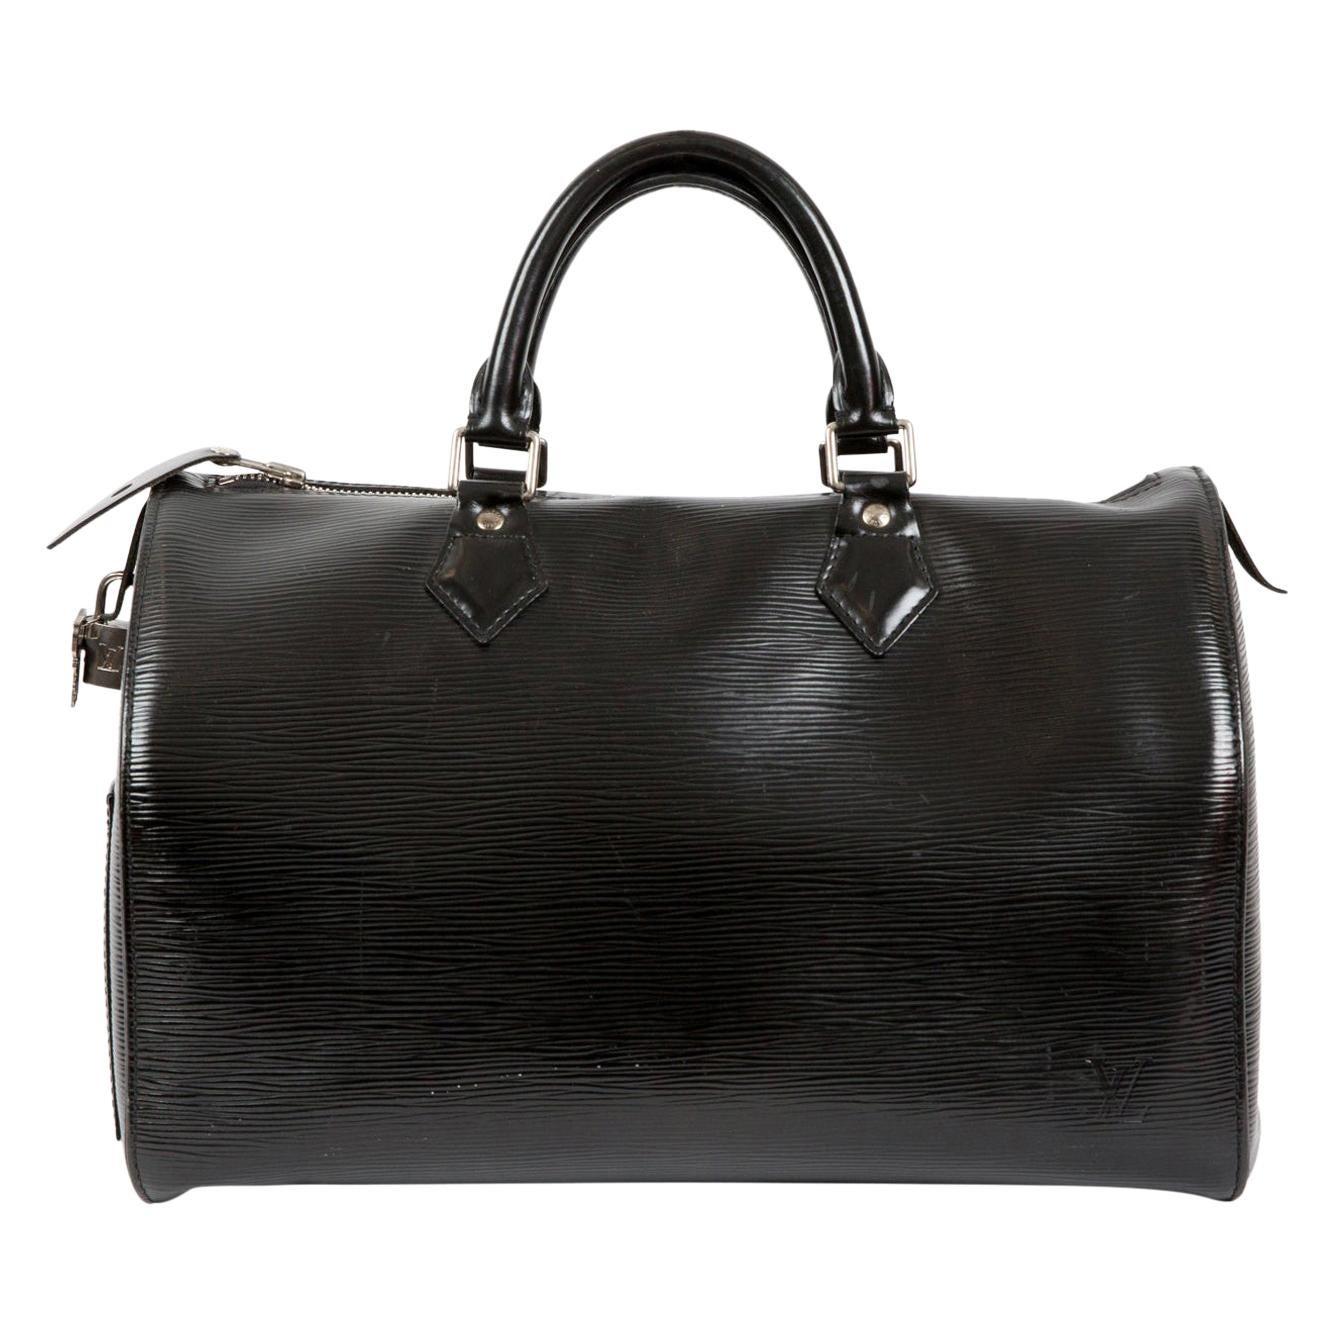 Louis Vuitton Black Leather Epi Speedy 35 Bag